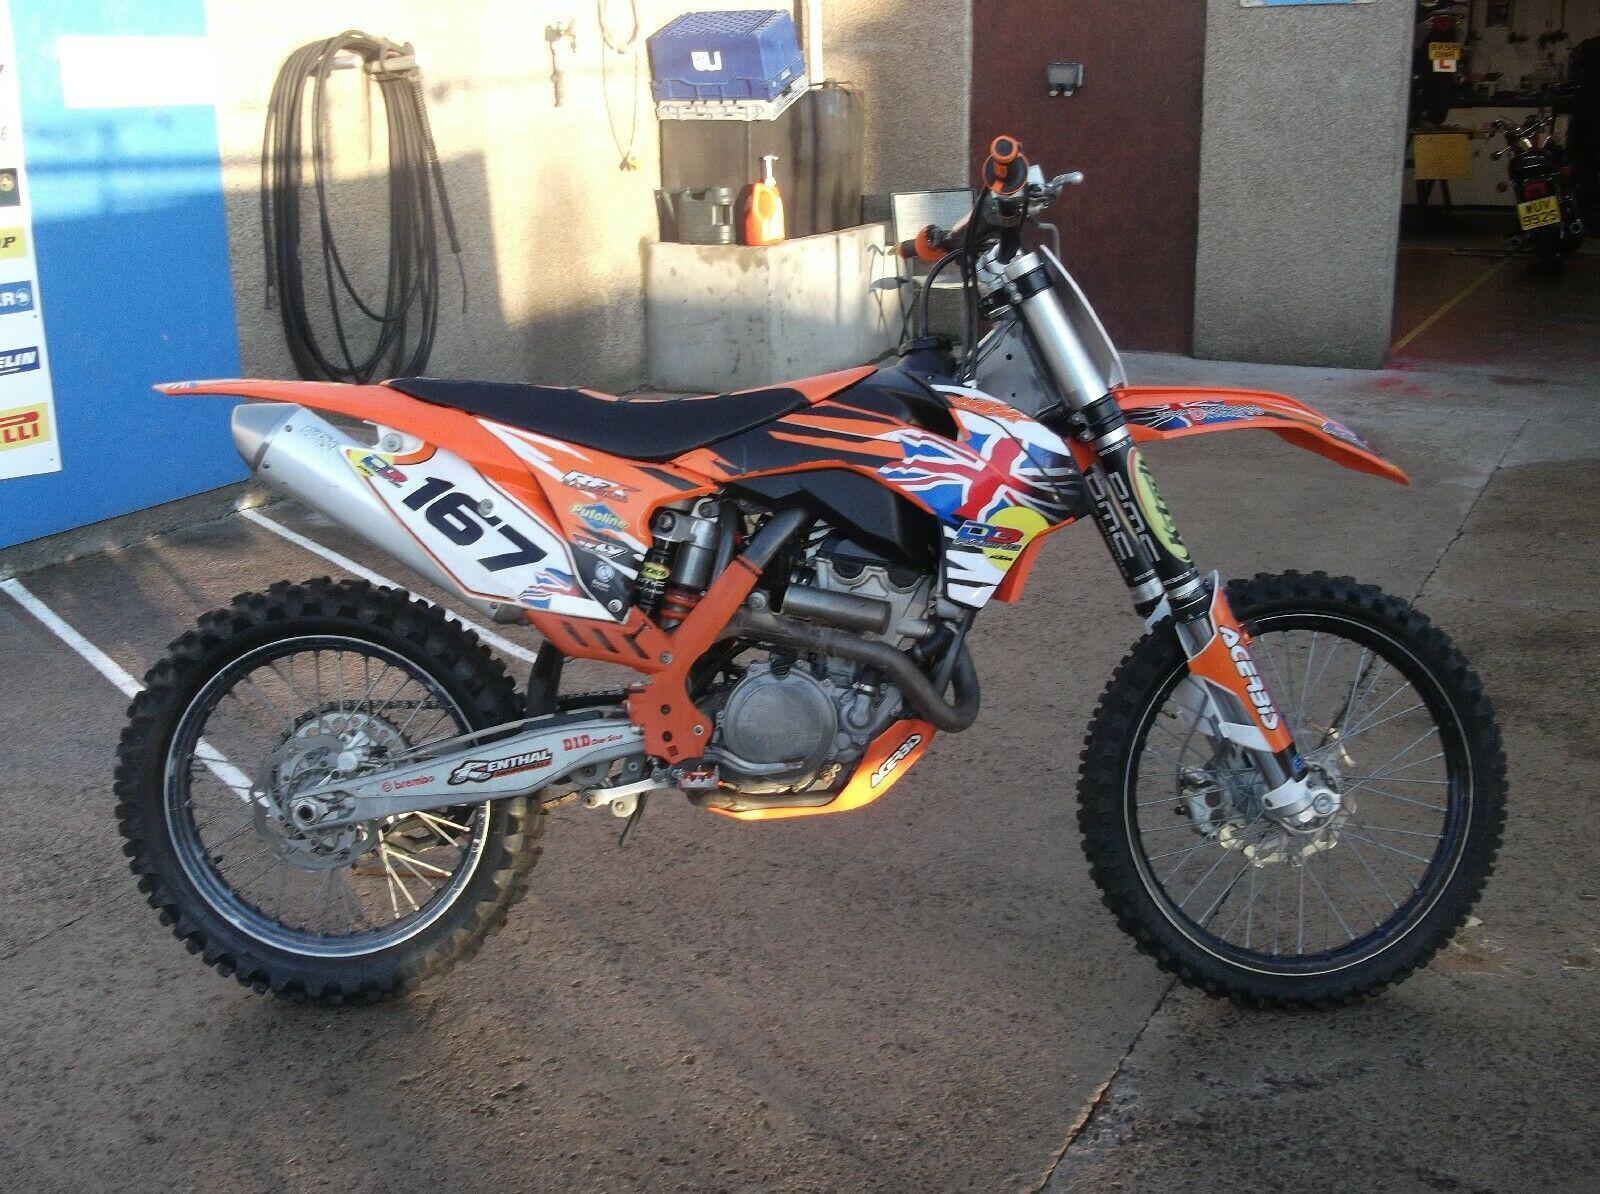 Ktm In 2020 Ktm Motocross Bikes Motocross